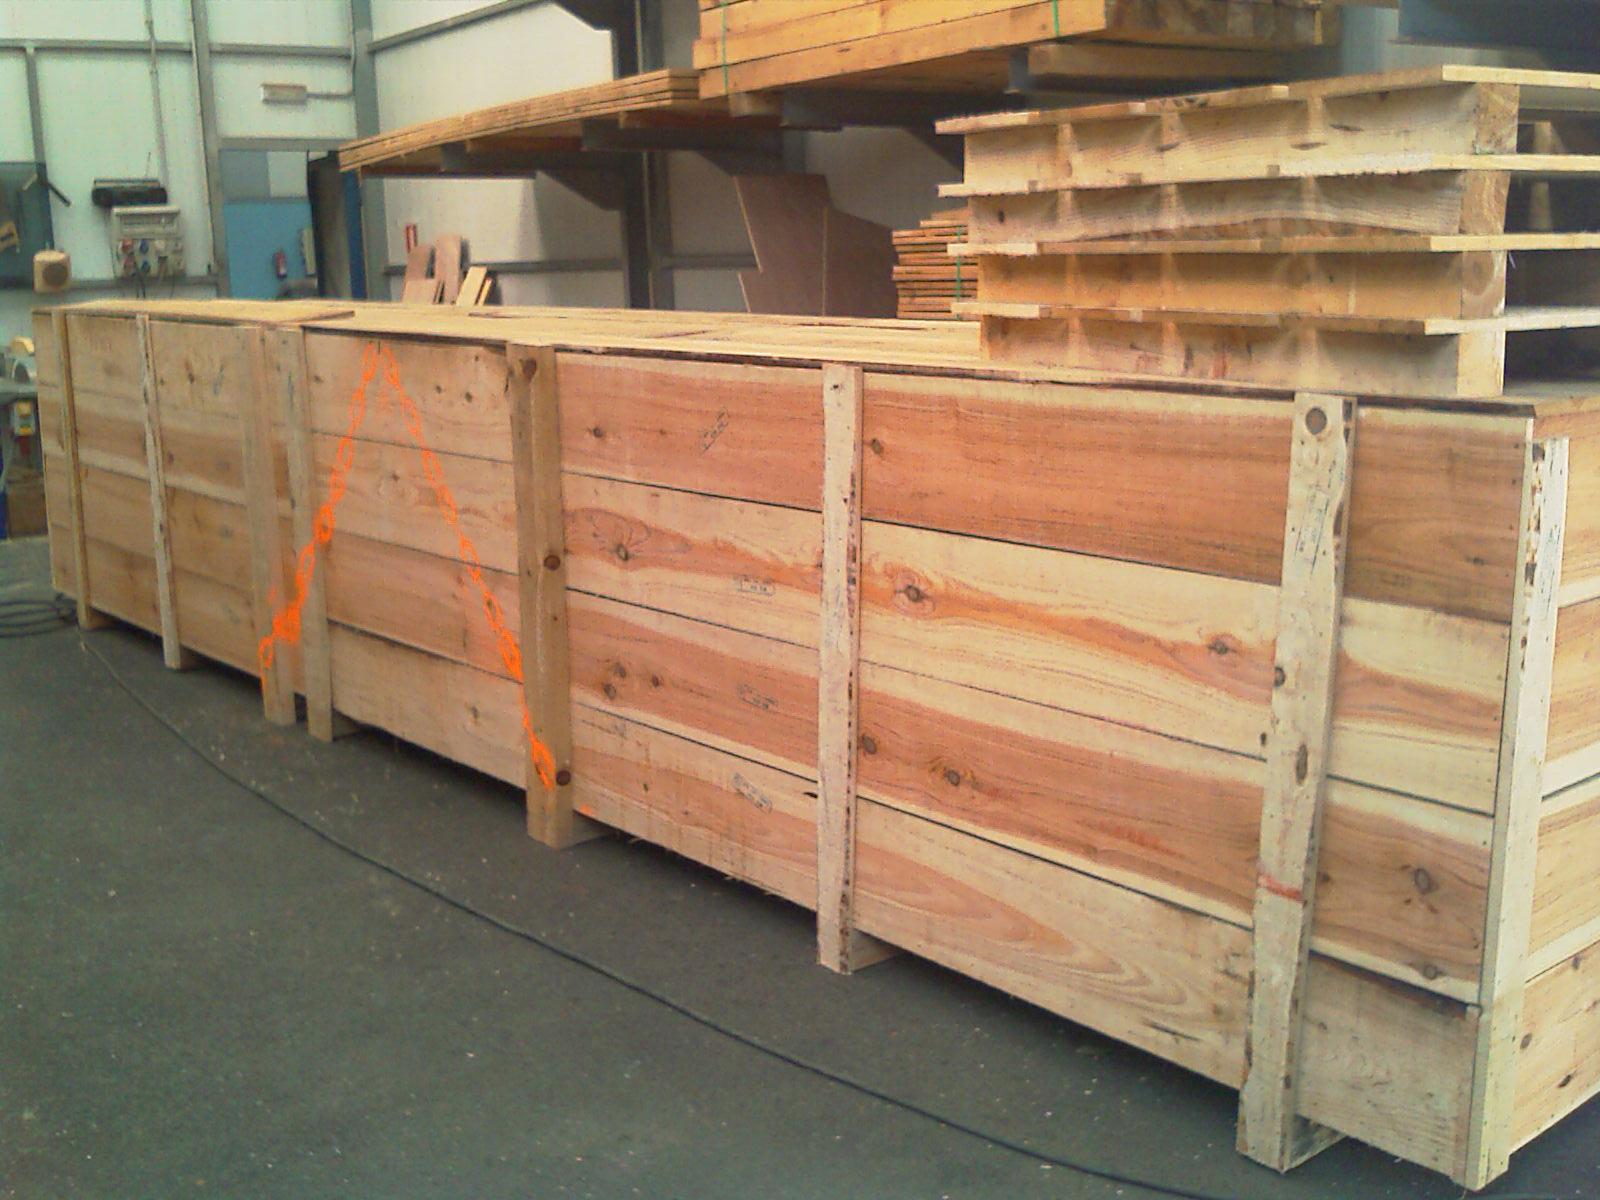 Comprar ofertas platos de ducha muebles sofas spain cajas de madera - Cajas de madera barcelona ...